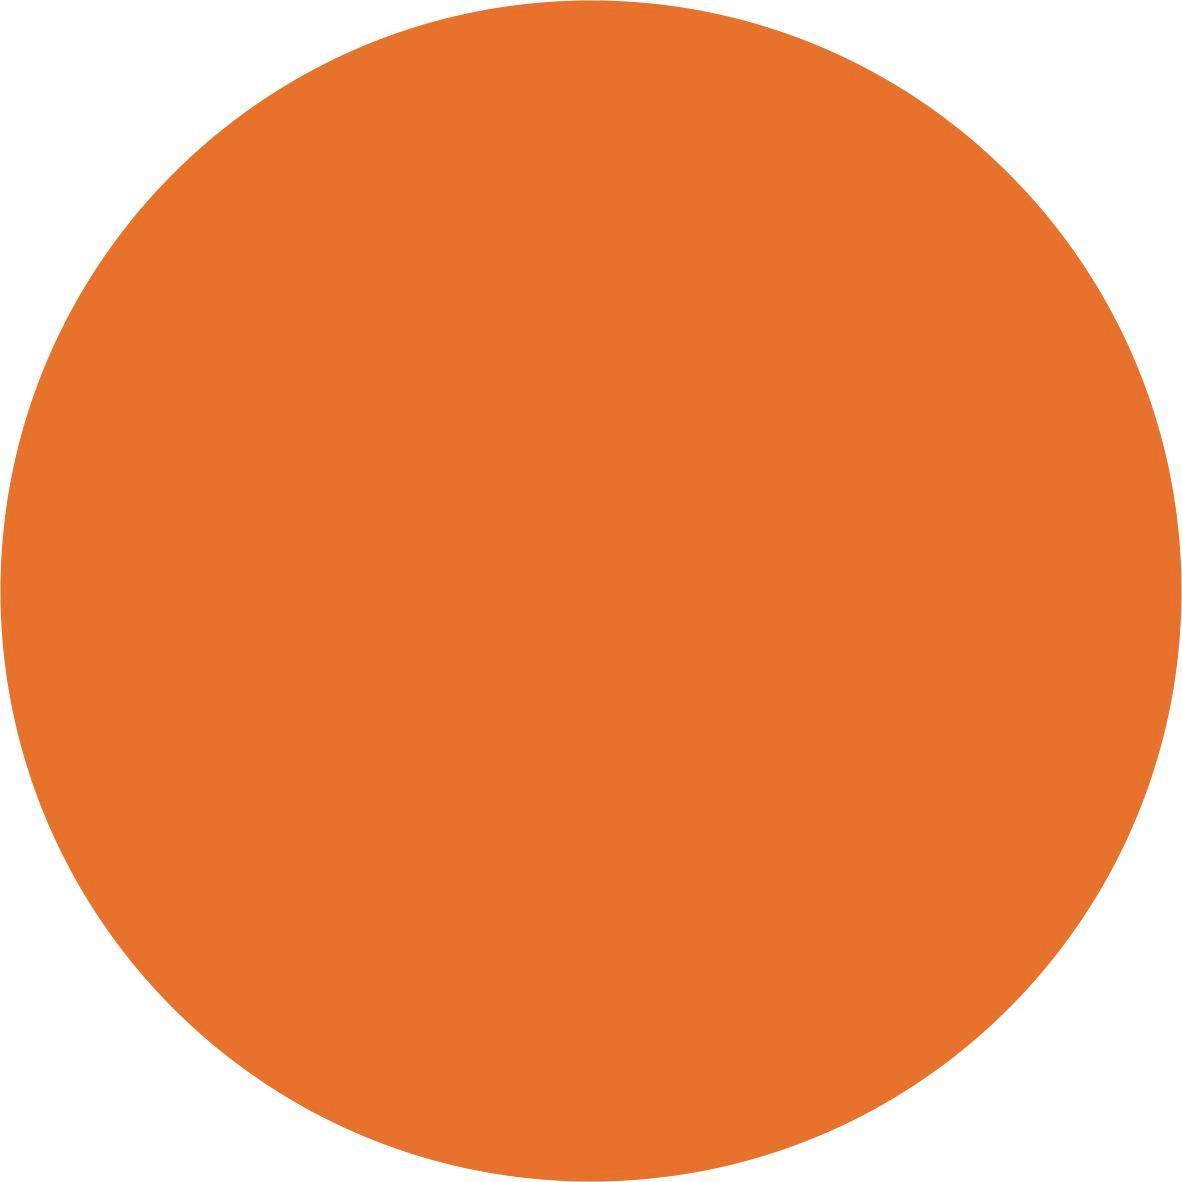 Acryl-Glanzlack Reinorange - Orange, KONVENTIONELL (25cm) - GEBOL